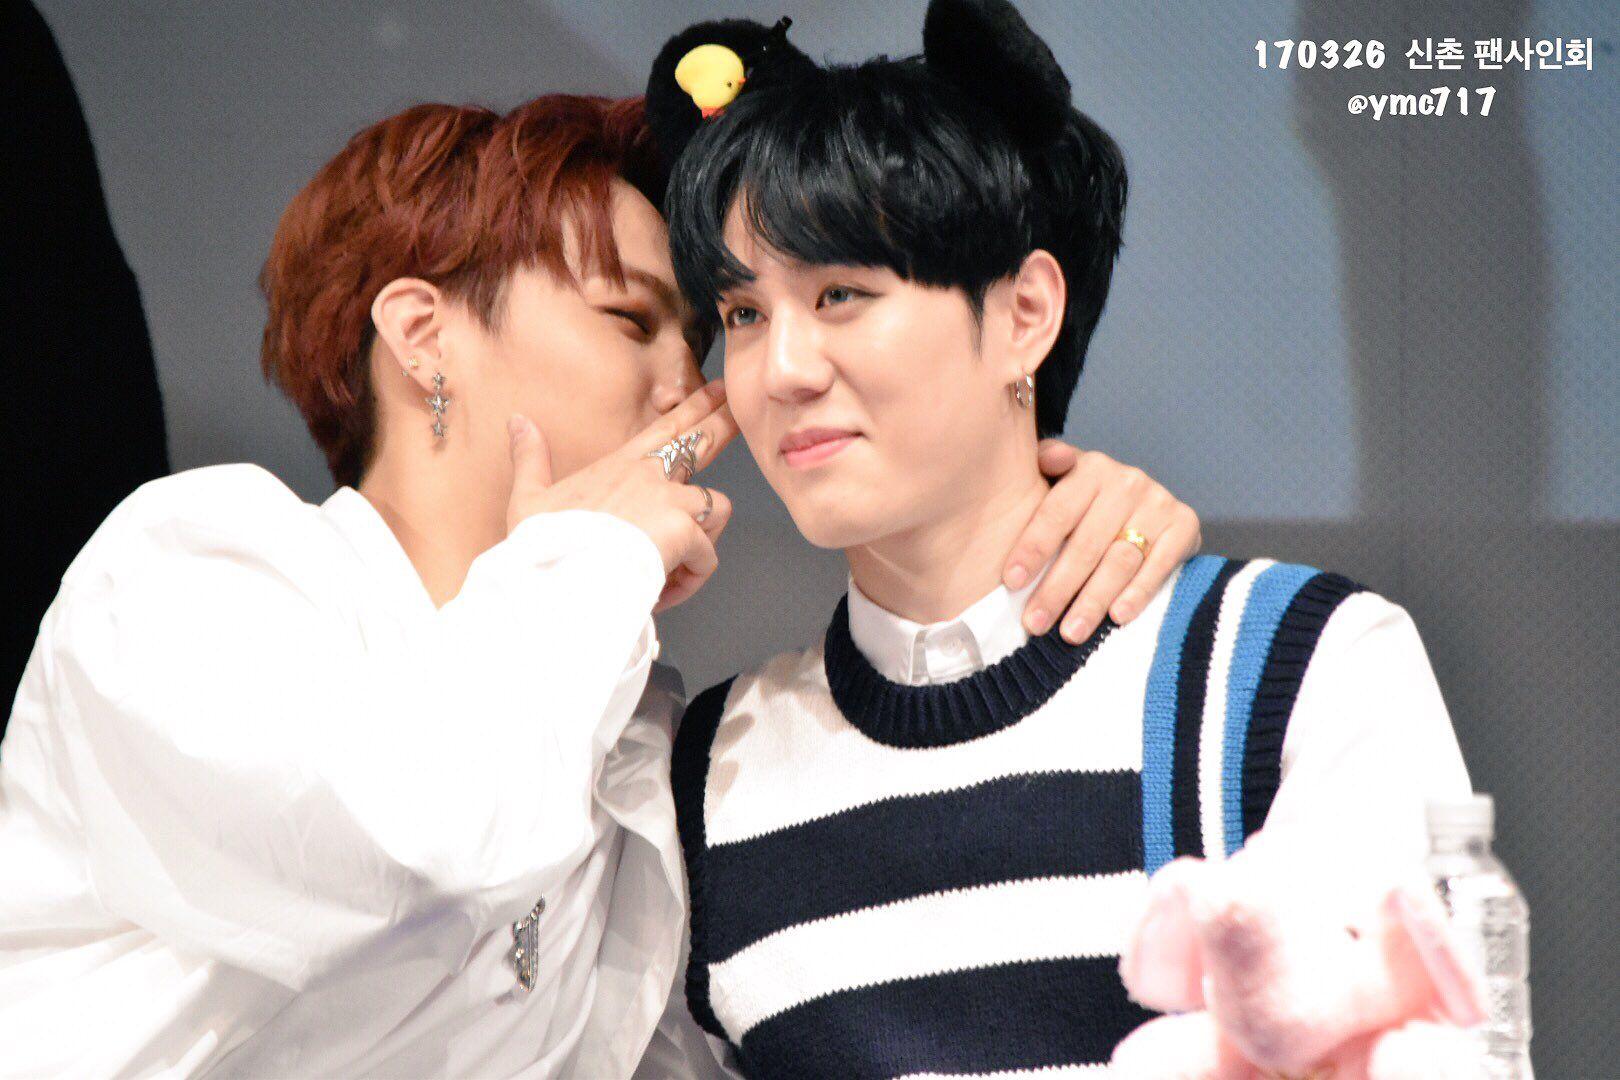 GOT7 Jaeyeom moment. Jaebum and Yugyeom